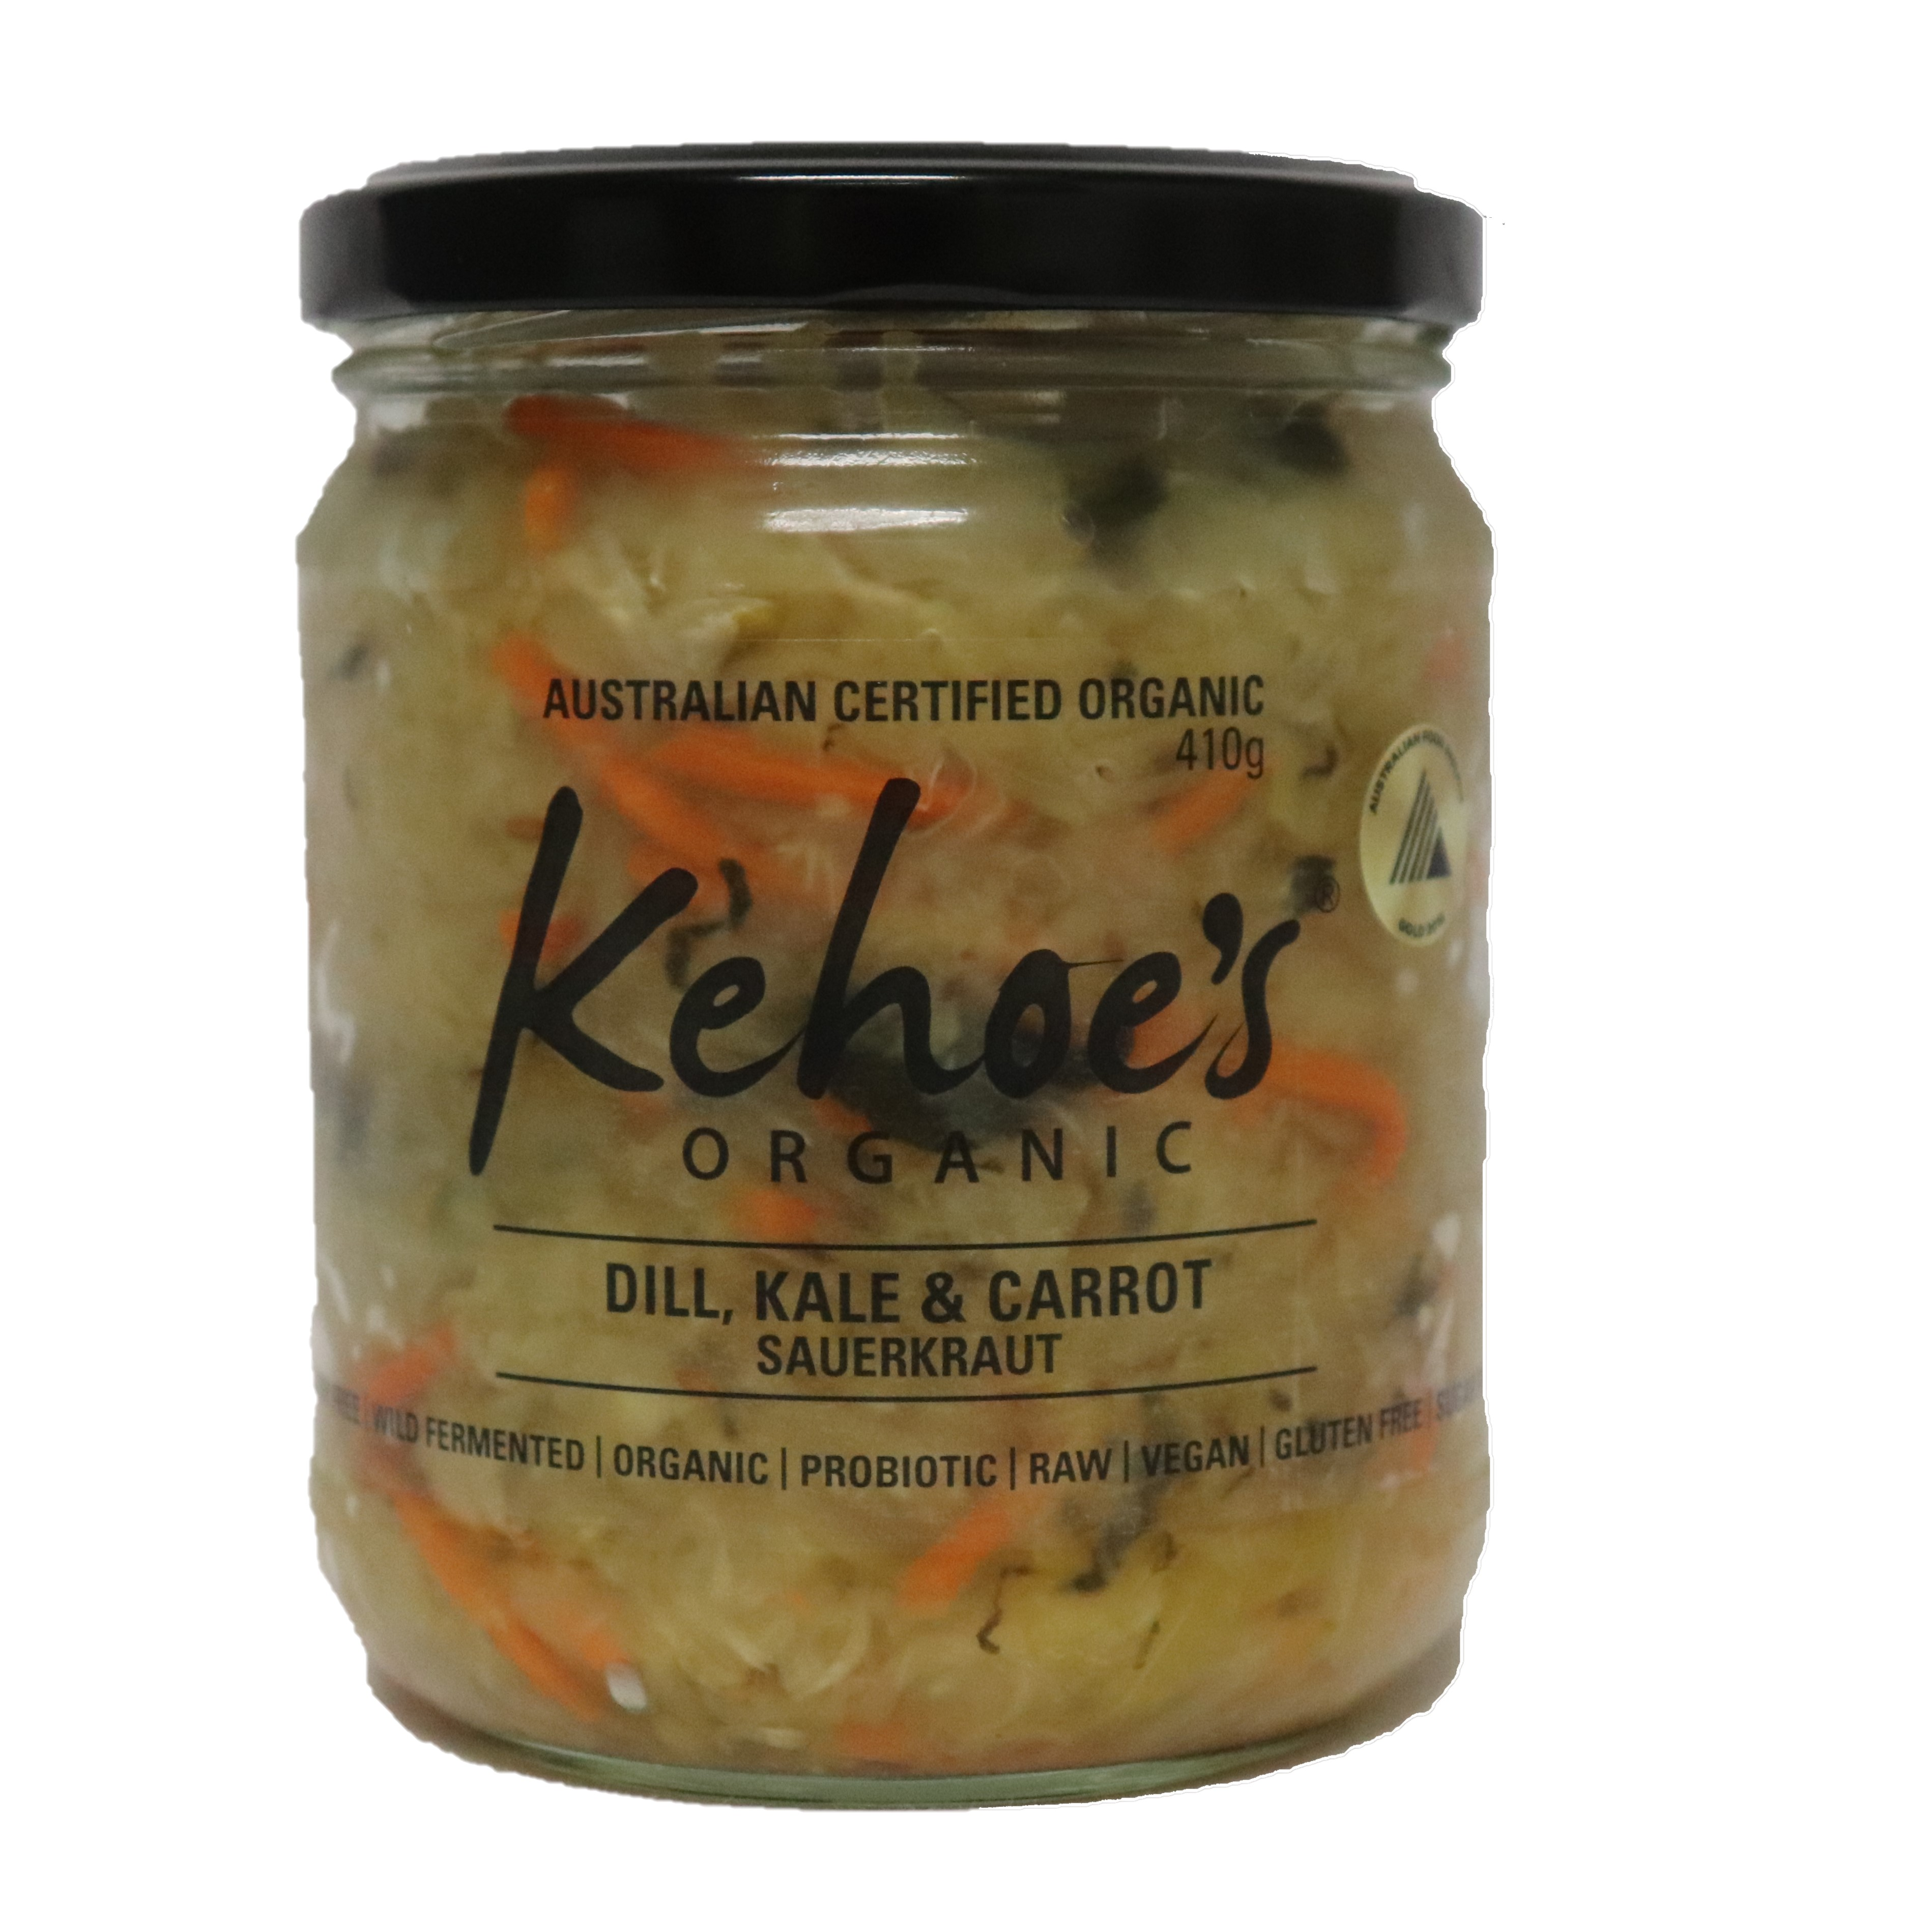 Sauerkraut – Dill, Kale & Carrot 410g